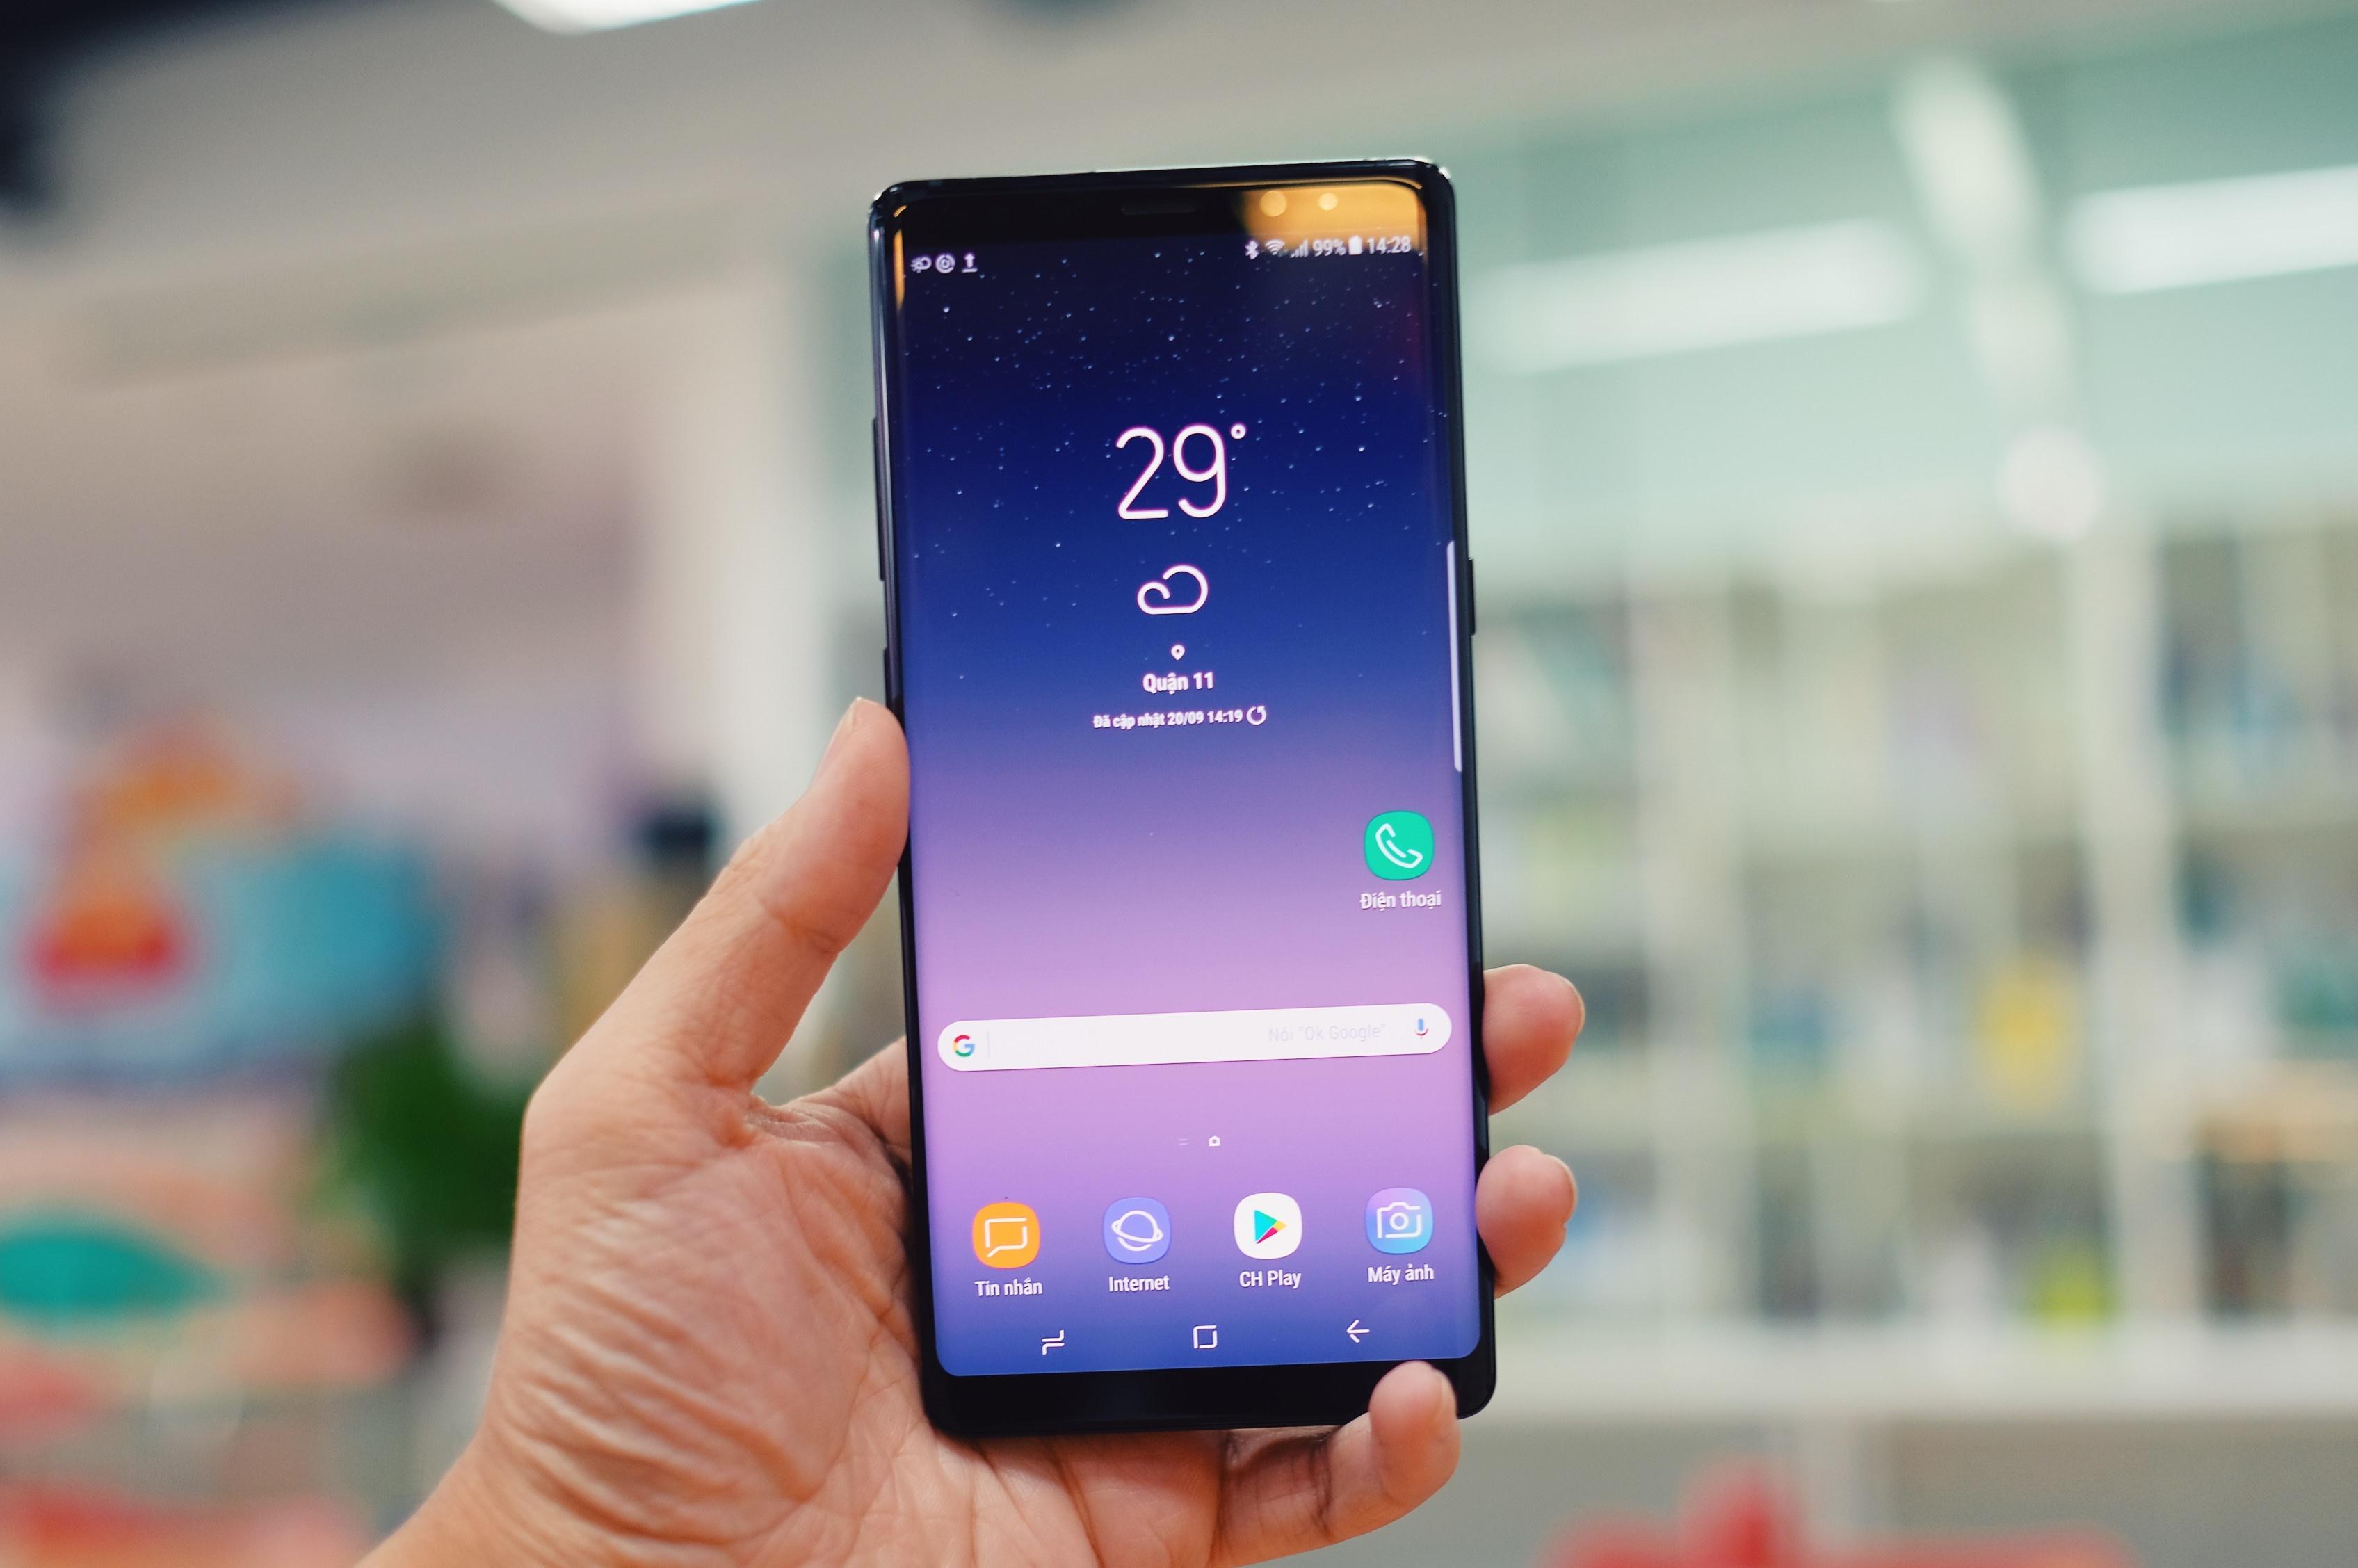 Galaxy Note 8 lam thay doi thi truong di dong cao cap ra sao? hinh anh 7